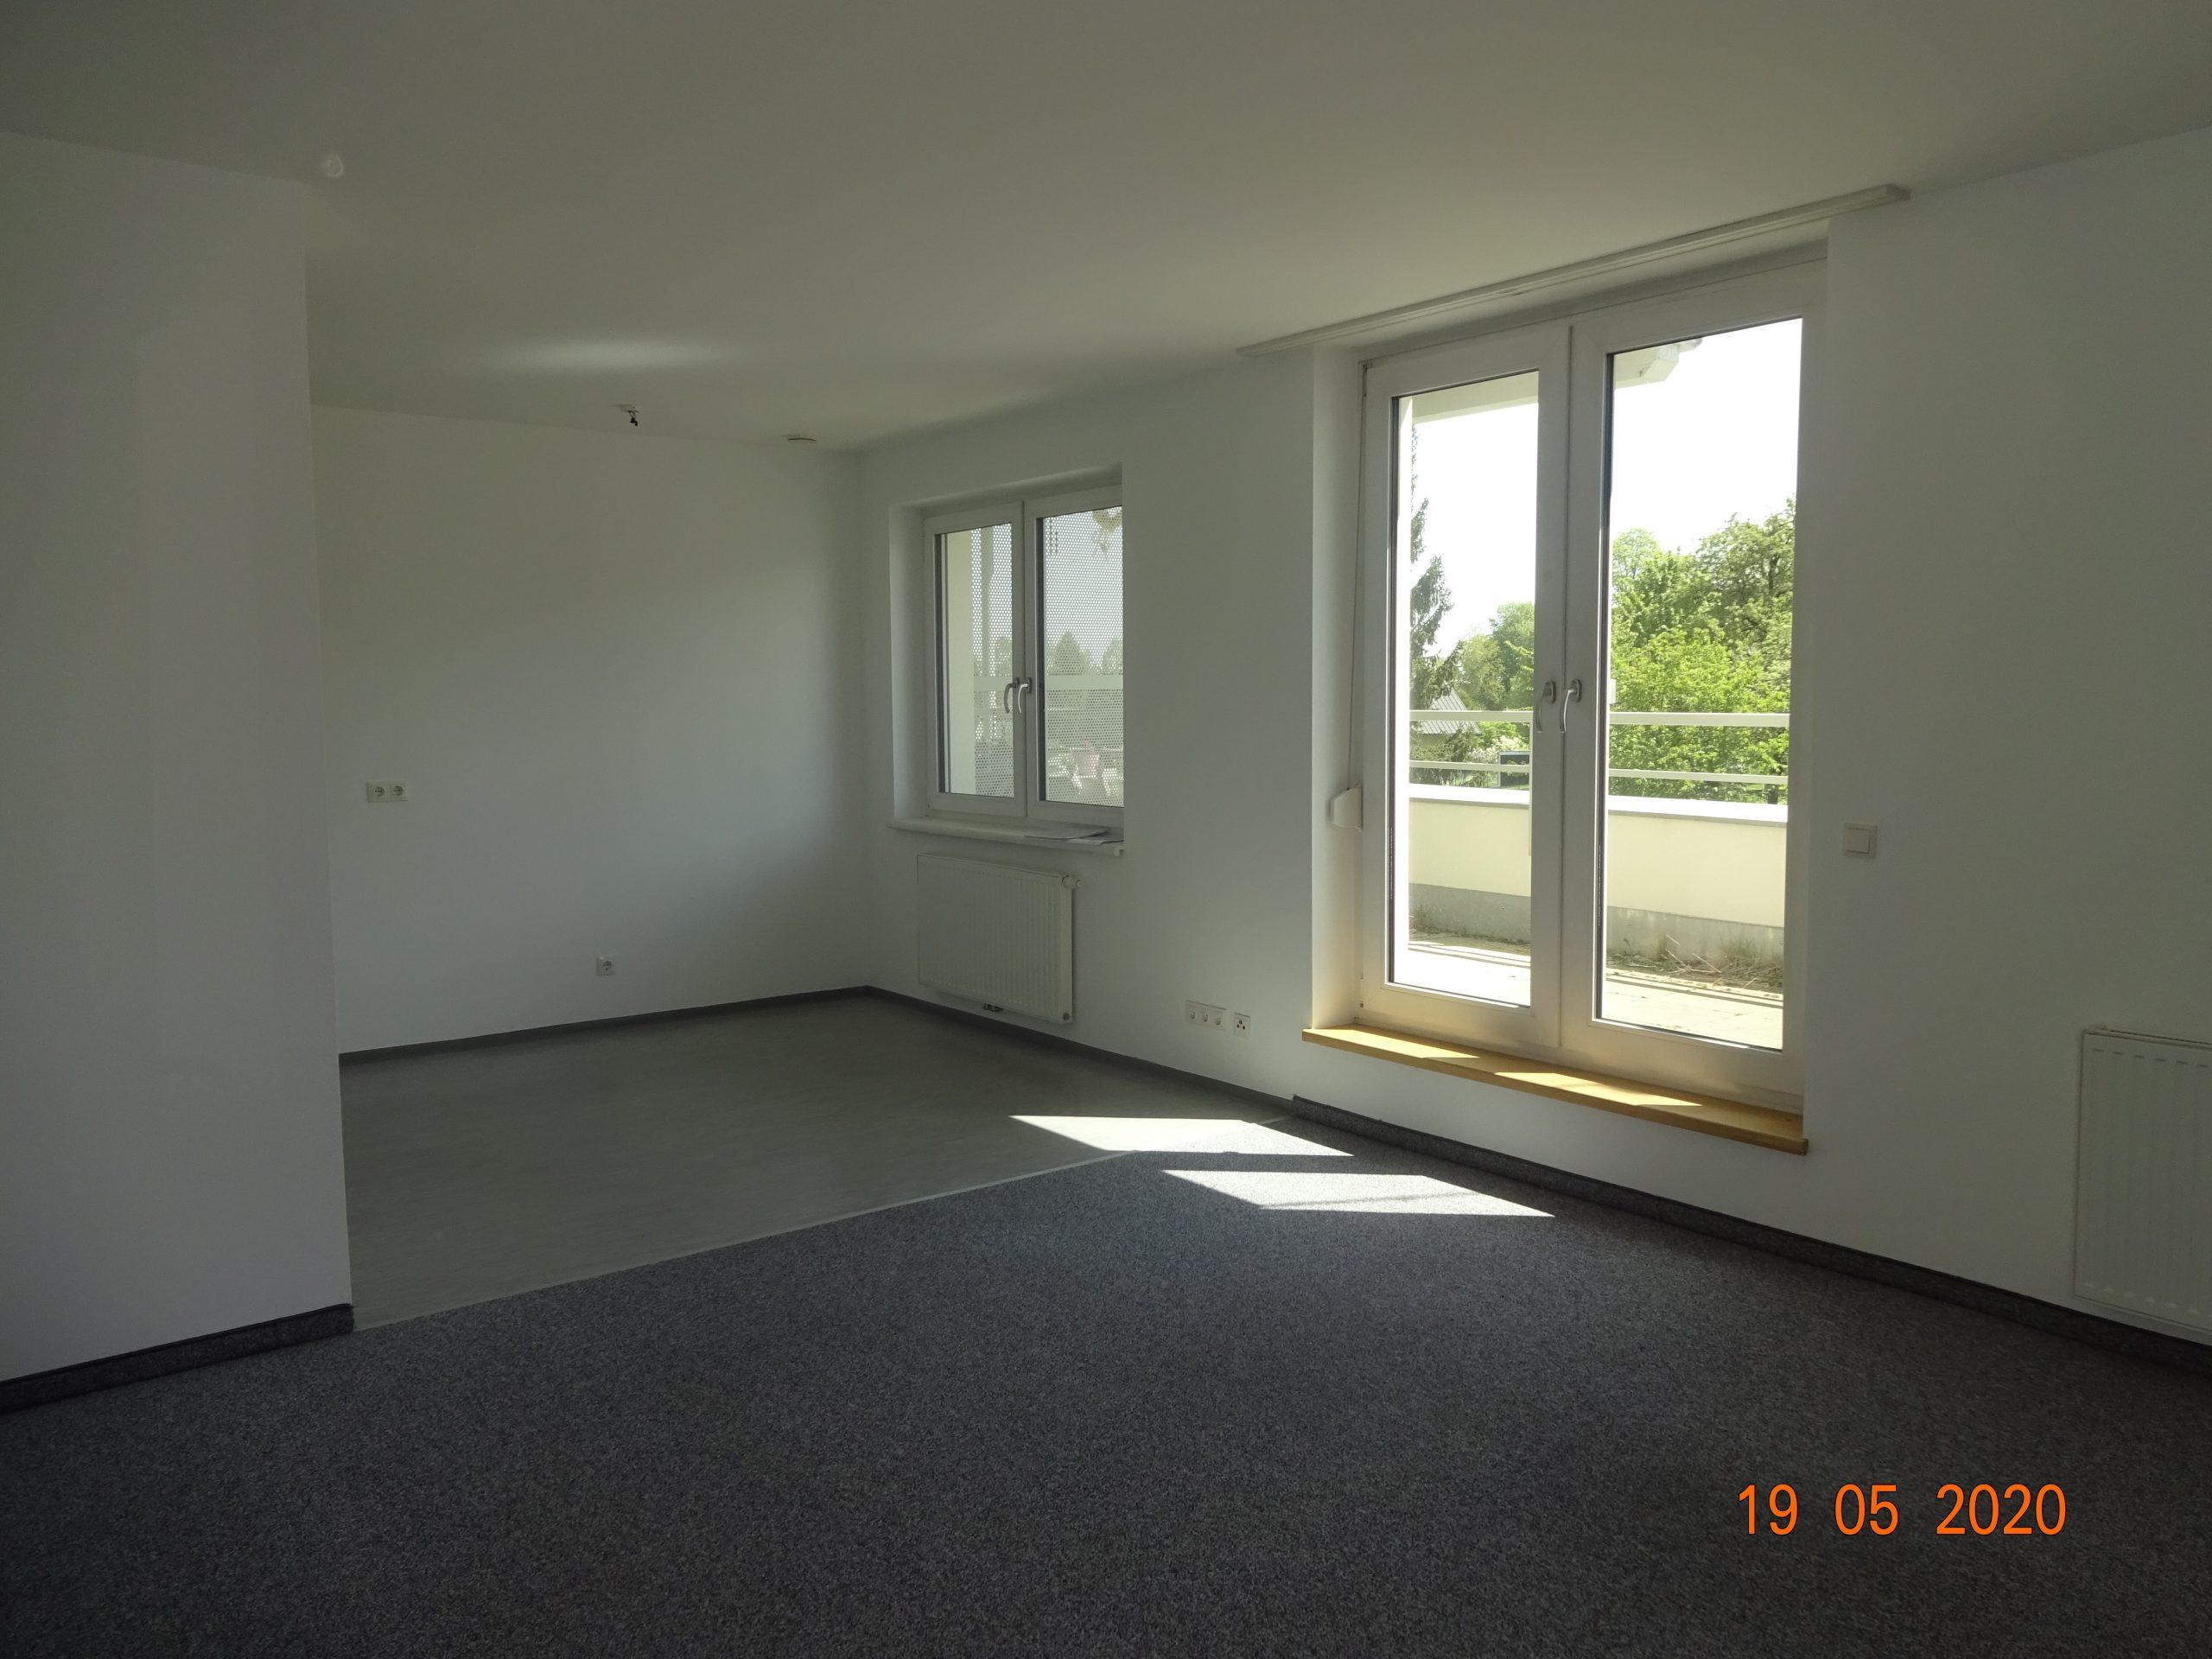 Immobilie von Kamptal in 3925 Arbesbach, Zwettl, Arbesbach II - Top 7 #0